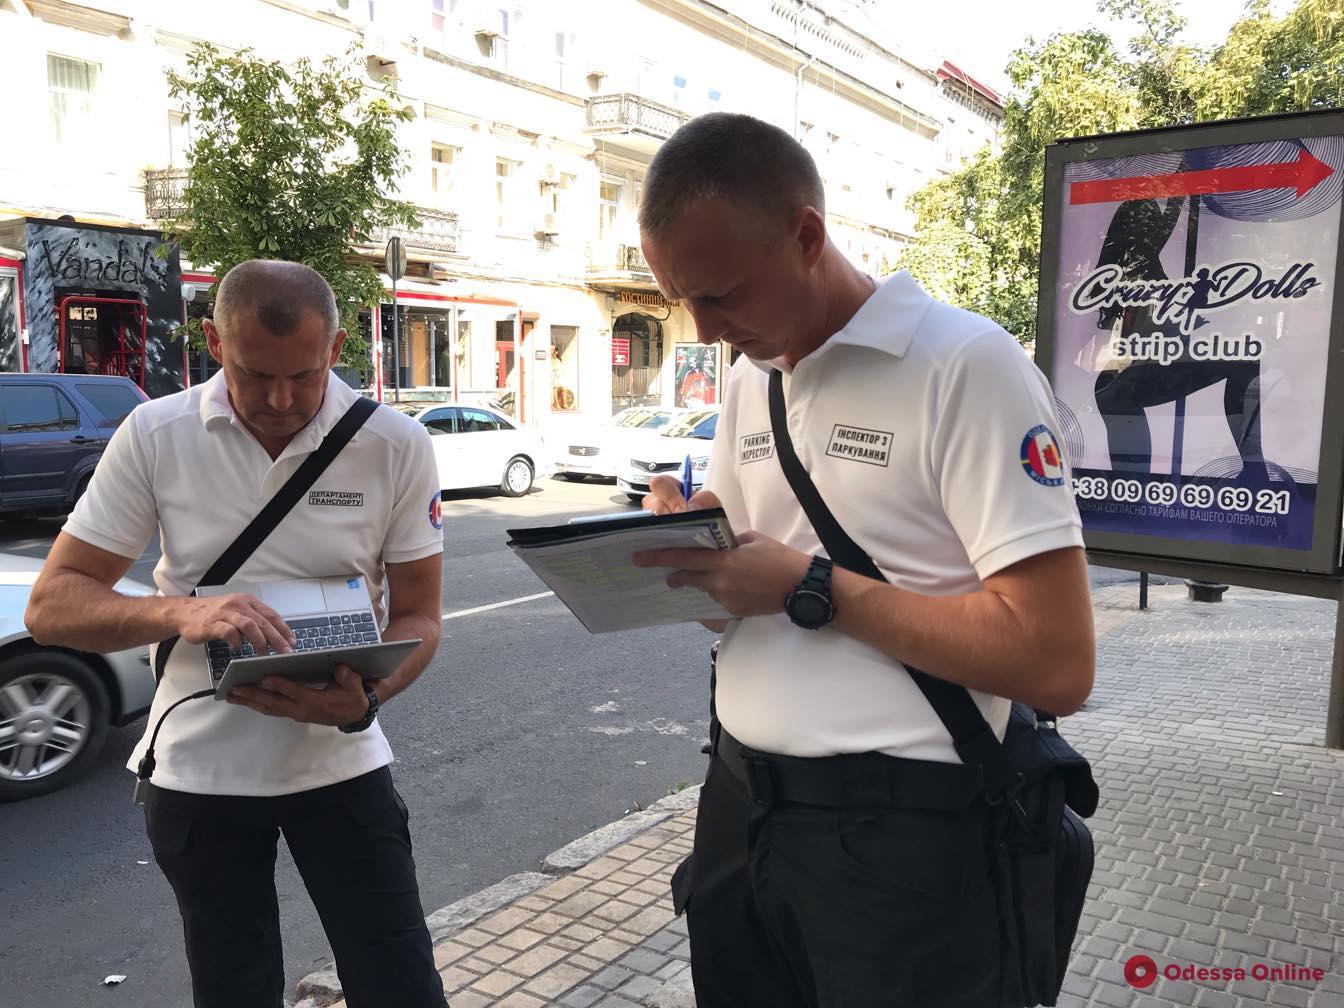 В Одессе начали штрафовать за неправильную парковку: как преображалась Екатерининская